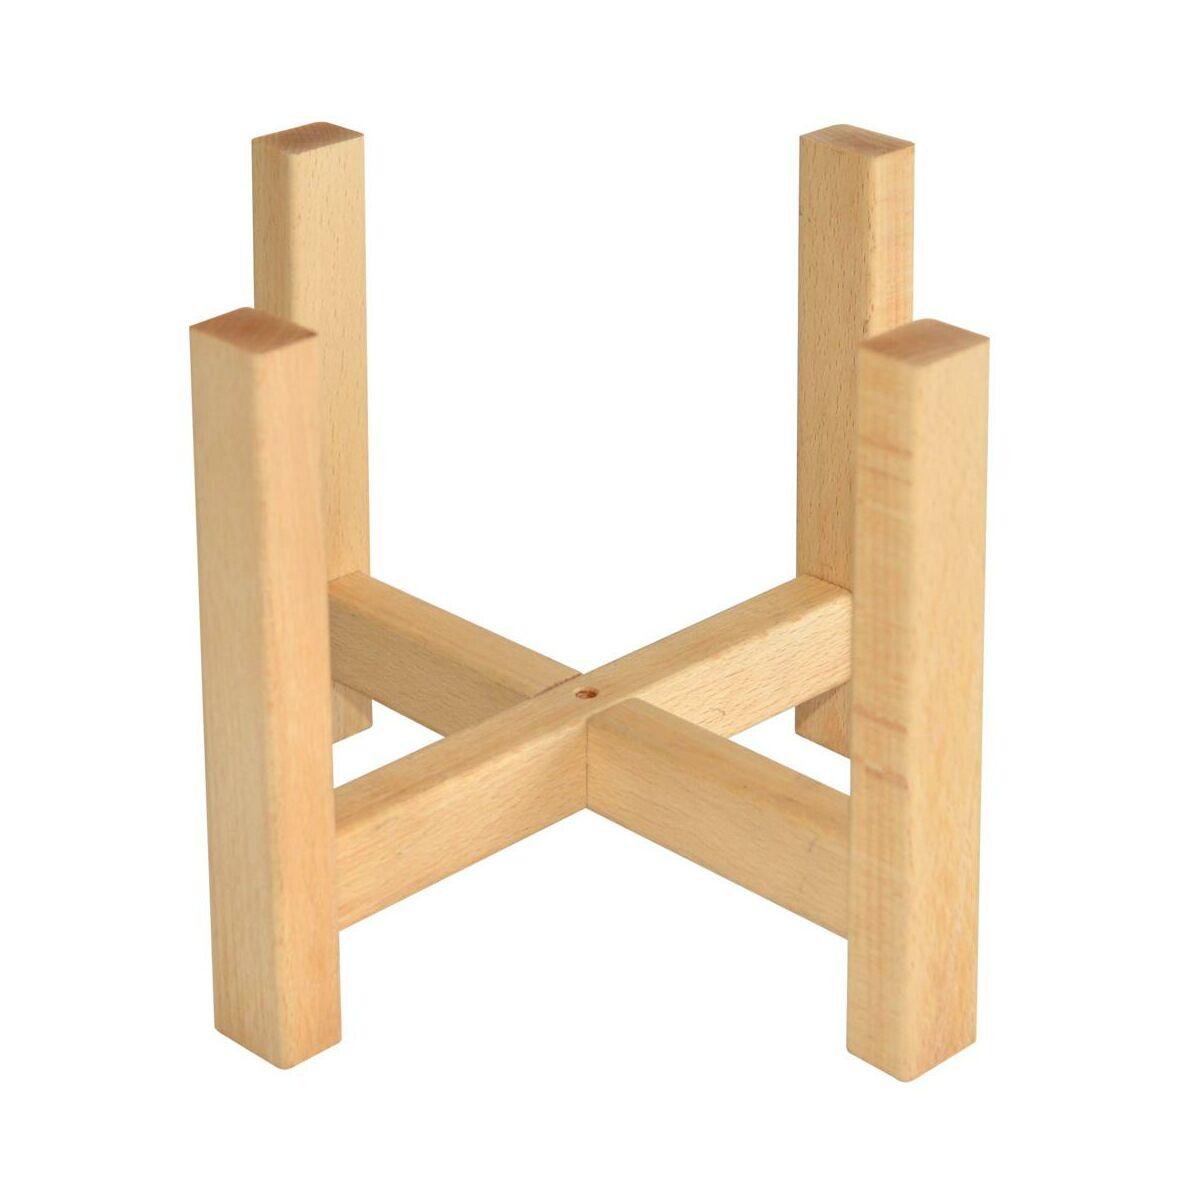 Stojak Drewniany Pod Osłonkę 29 X 29 X 23 Cm